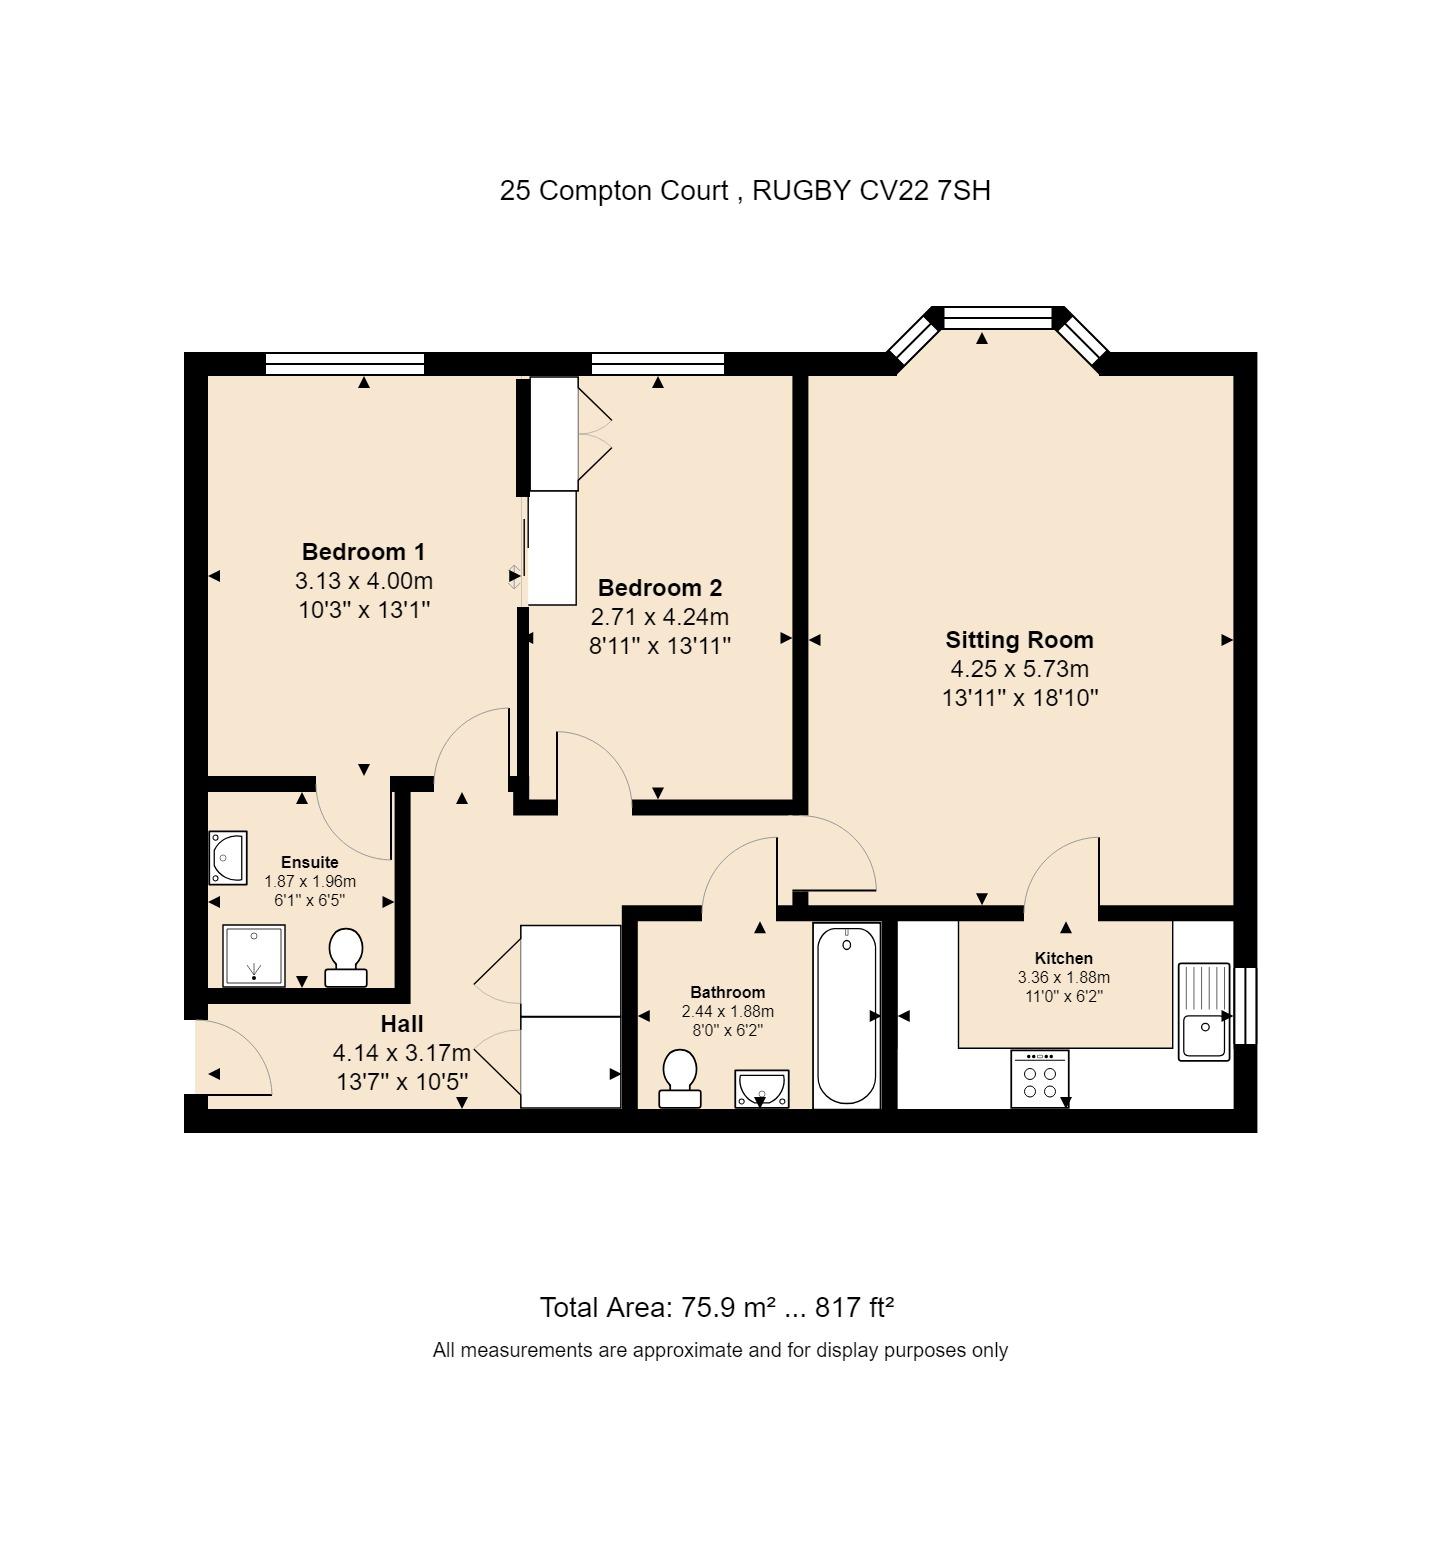 25 Compton Court Floorplan